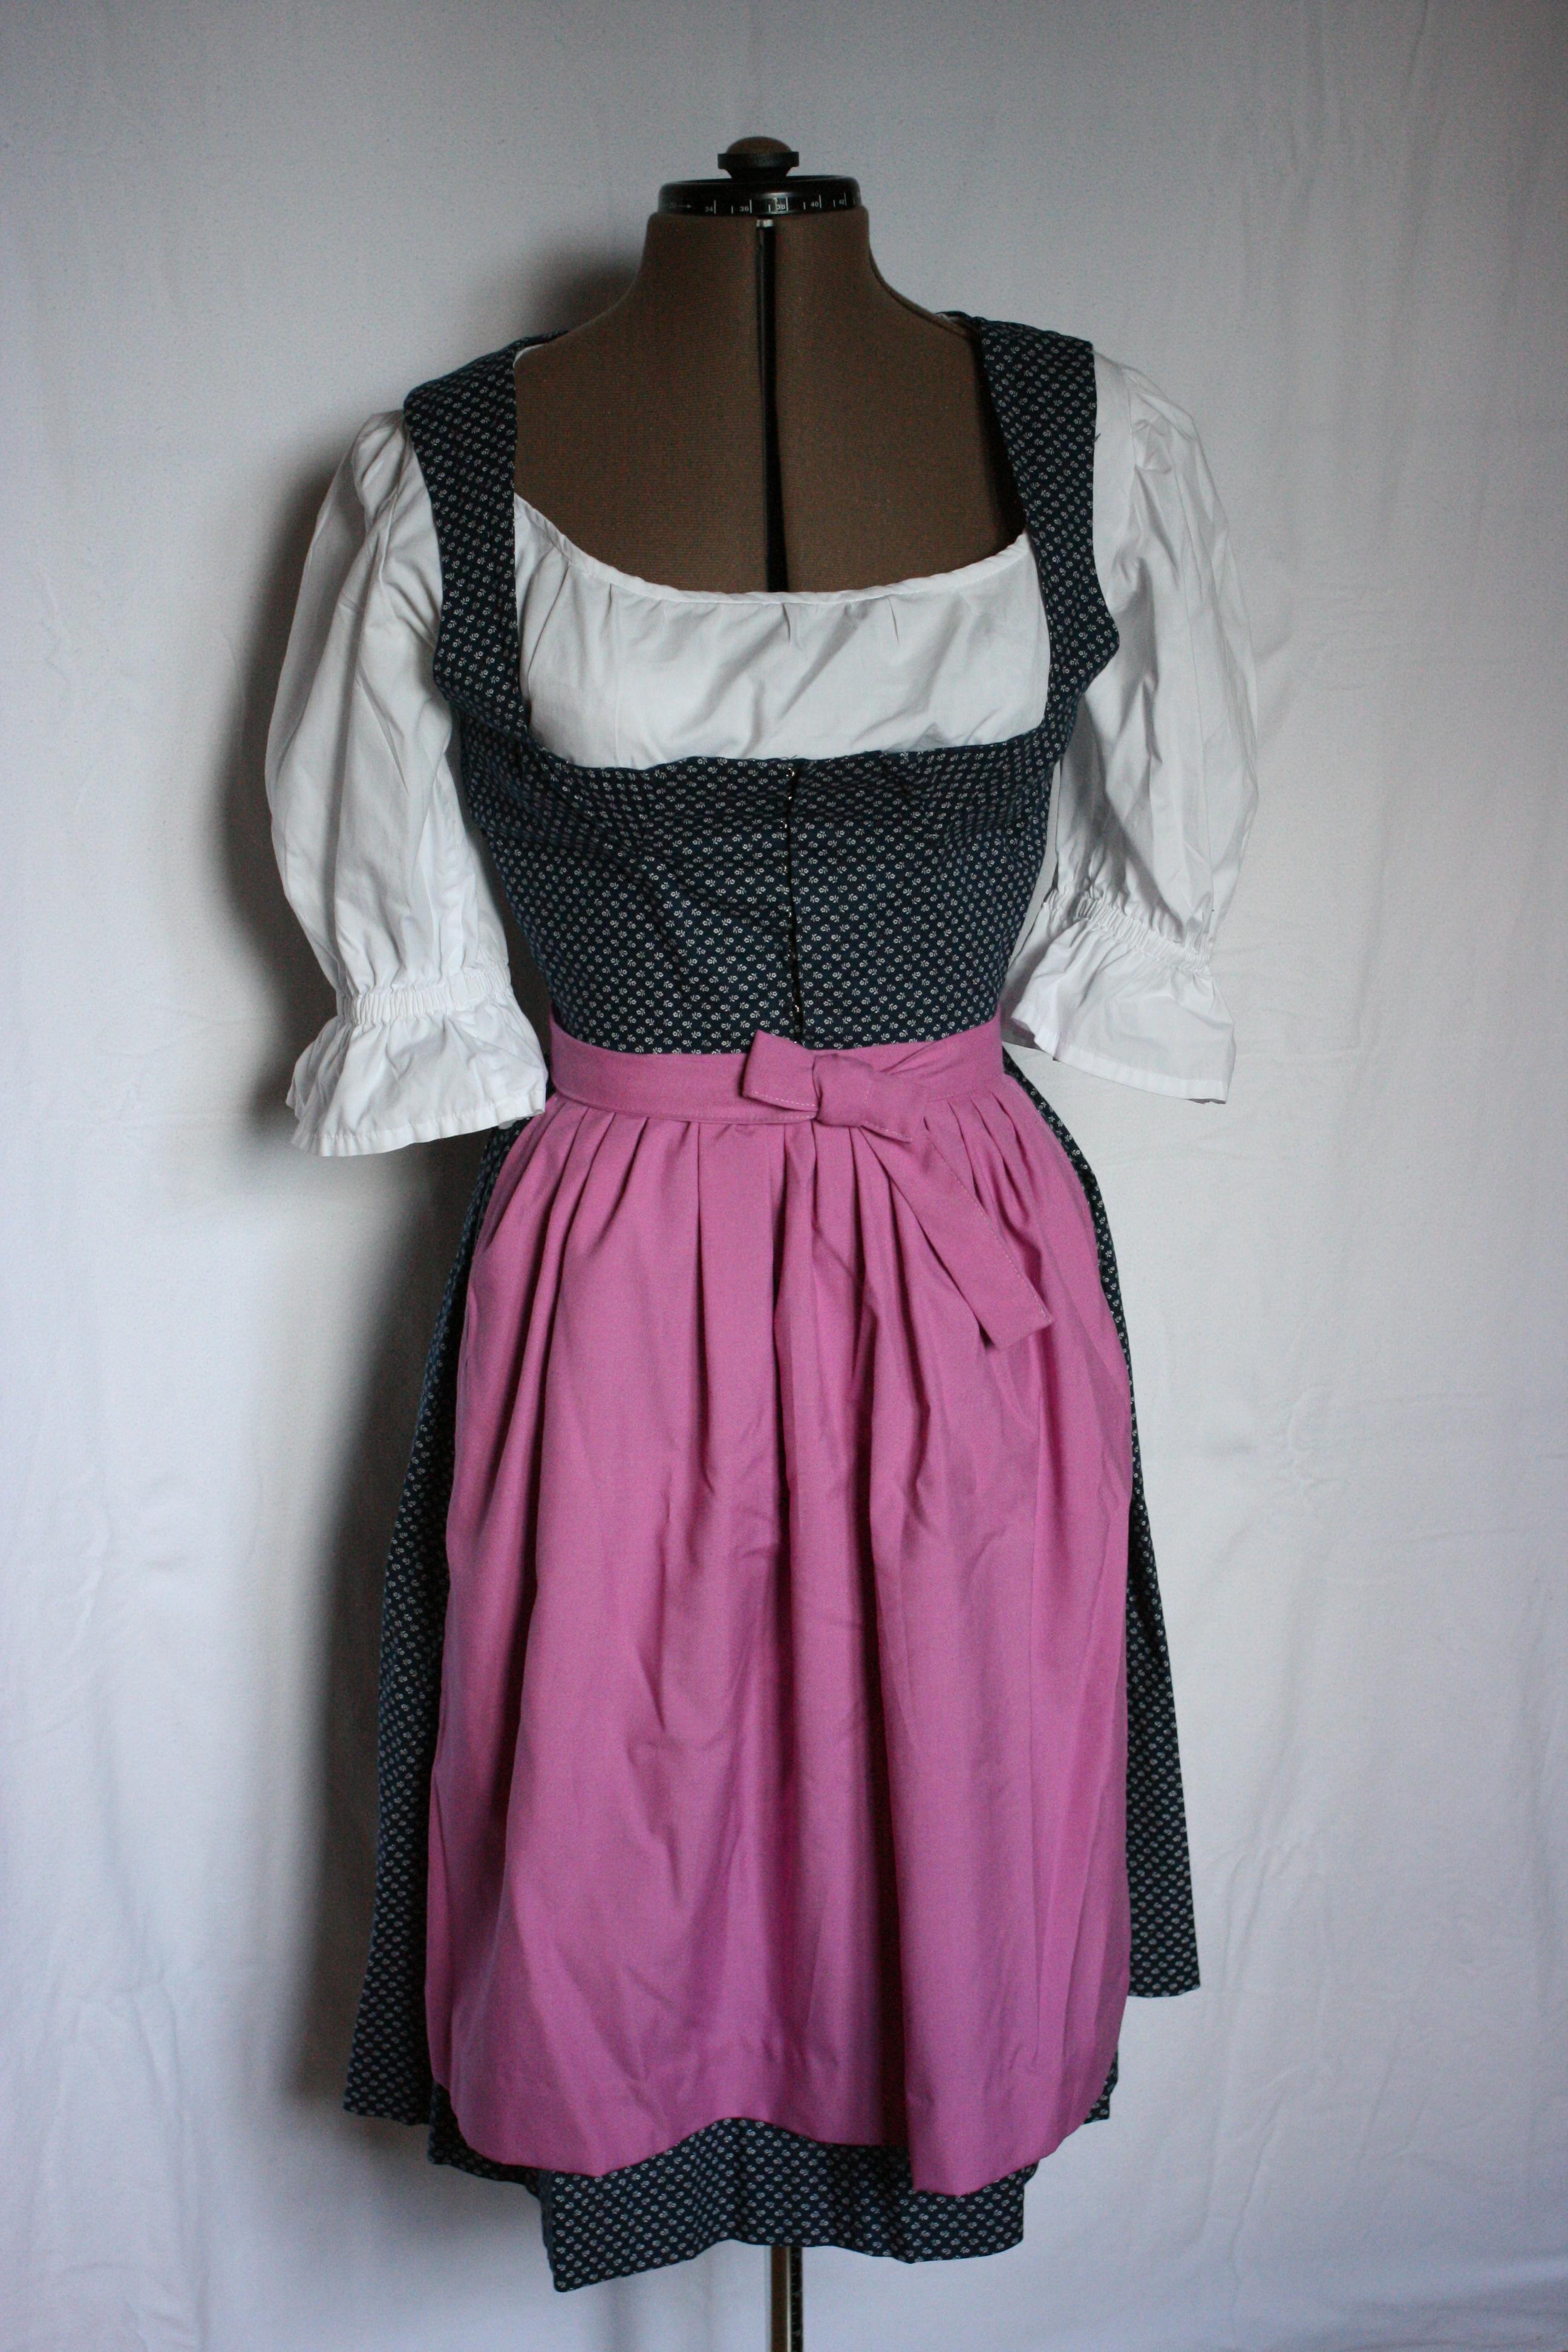 Austrian Dirndl Sewing Projects Burdastyle Com